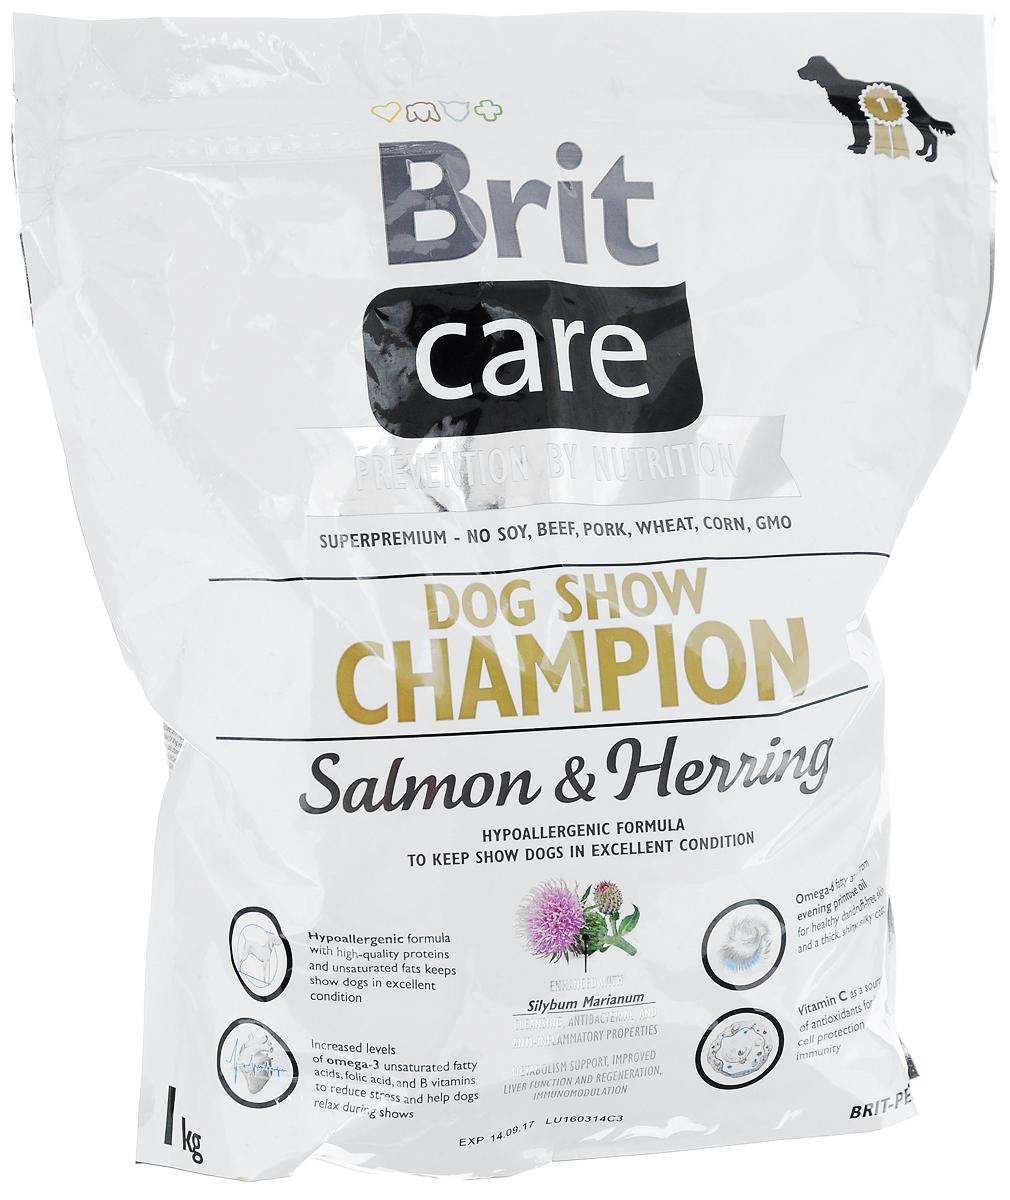 Корм сухой Brit Care, для выставочных собак, с лососем, сельдью и рисом, 1 кг8595602510429Полнорационный, гипоаллергенный корм Brit Care предназначен для взрослых собак всех пород участвующих в выставках. Повышенное содержание витамина С и жирных кислот омега-3 защитят организм собаки от вредного воздействия стресса. Гипоаллергенная формула - мясо лосося и сельди, также подходит собакам с чувствительным пищеварением. Белок из мяса рыб обладает превосходной усвояемостью, что особенно важно в выставочный период, так как собаки часто подвергаются стрессовым ситуациям. Лососевый жир, благодаря содержащимся в нем полиненасыщенным жирным кислотам, благотворно влияет на качество кожи и шерсти животного. MOS (маннан-олигосахариды) поддерживают здоровье кишечника, сокращают патогенную микрофлору. Товар сертифицирован.